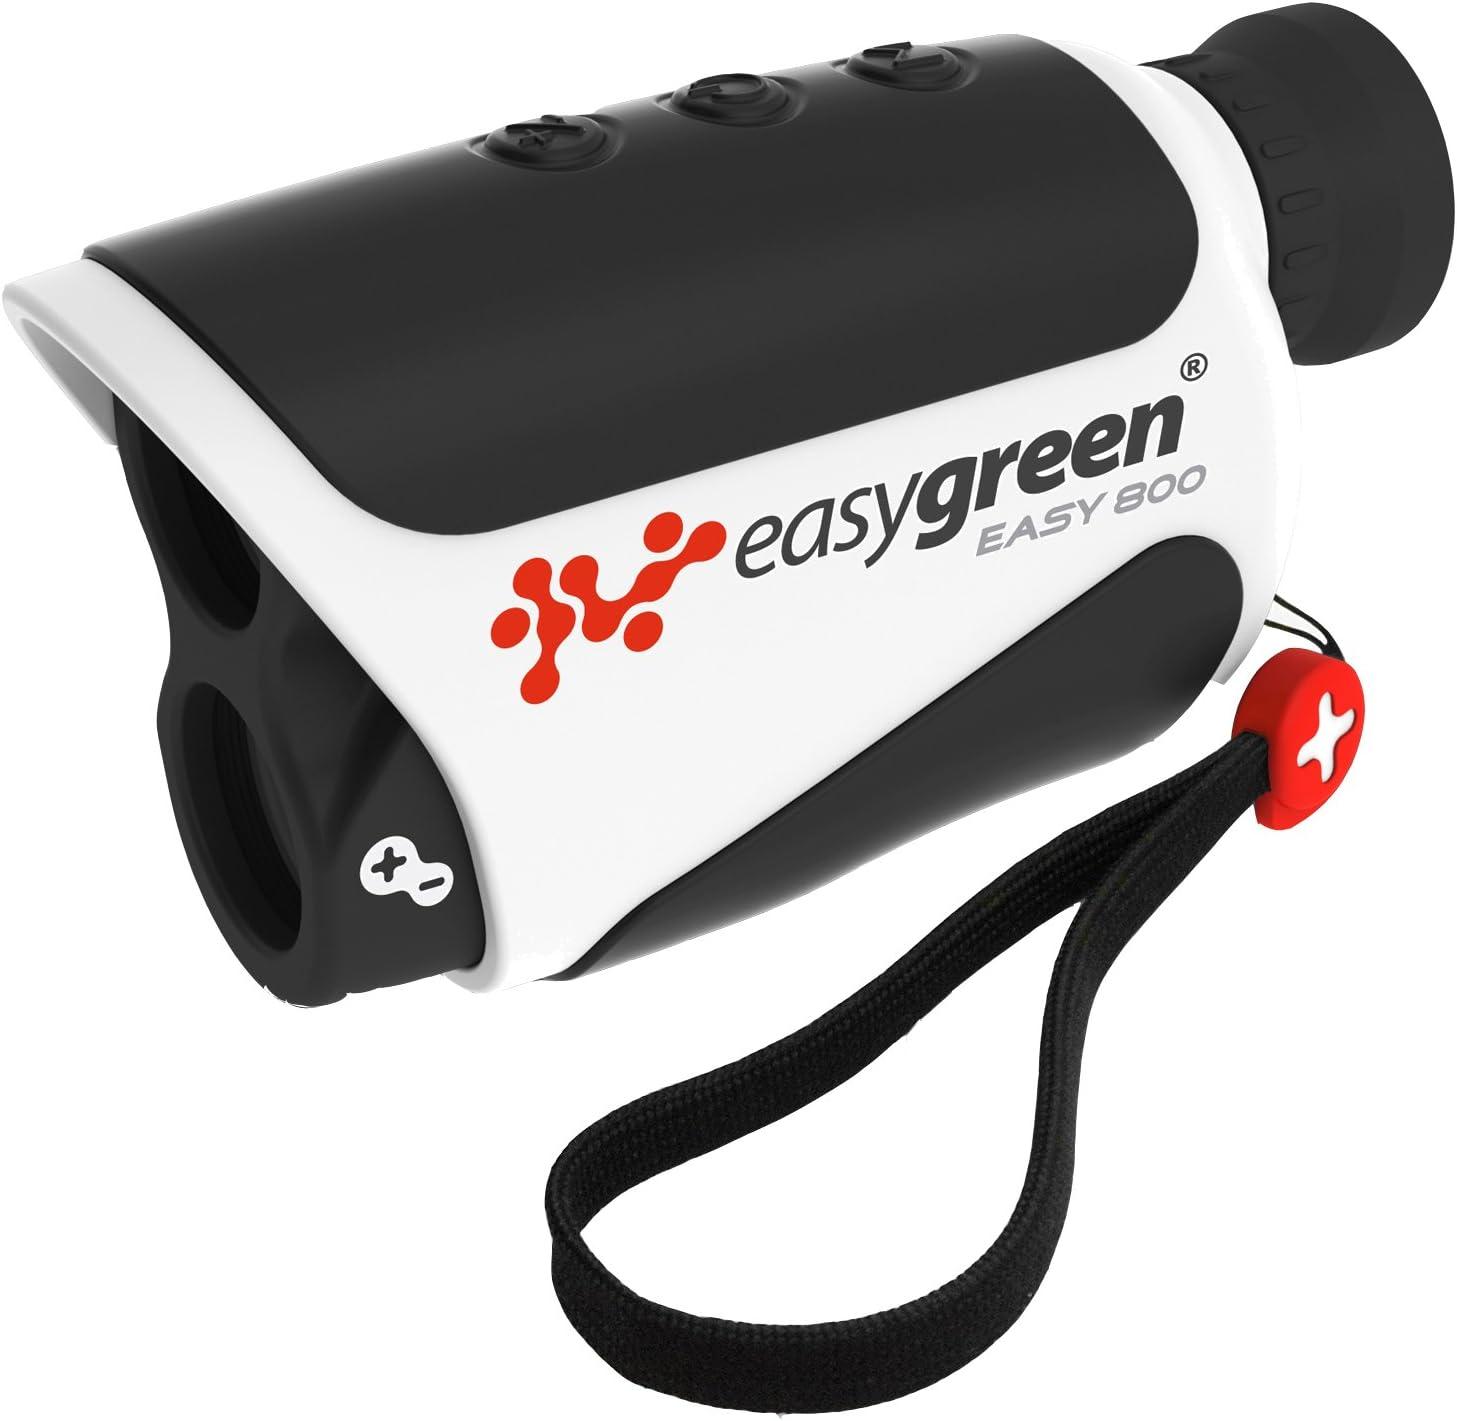 Easy Green - Telémetro láser (800 m), Color Blanco y Negro Negro Negro Talla:n/a